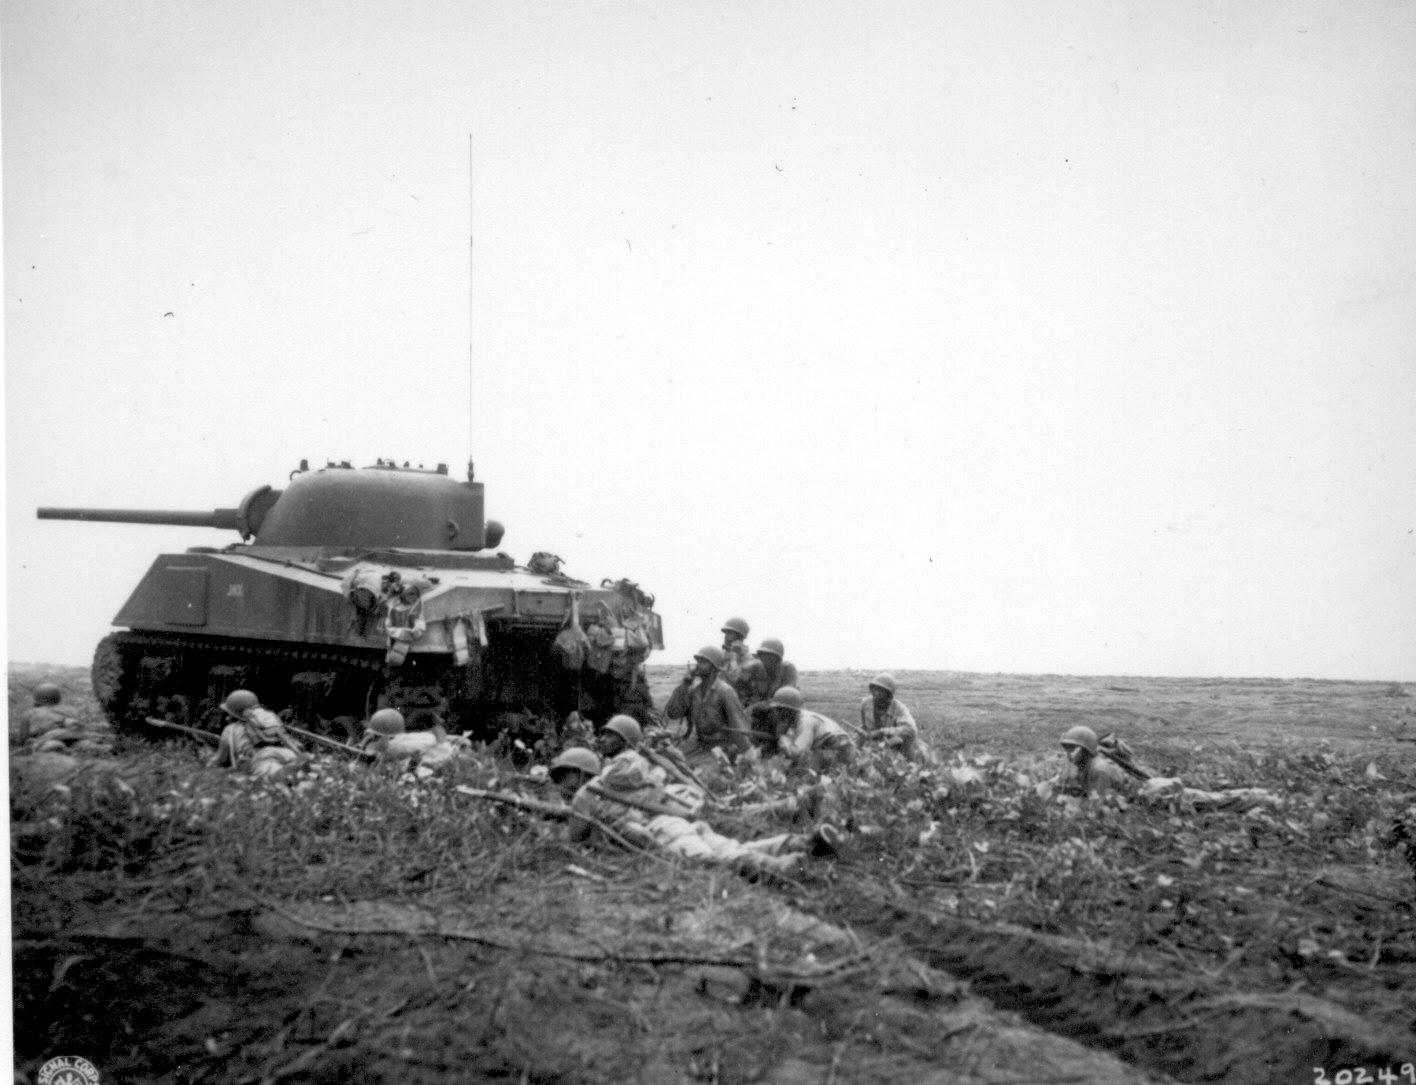 1944 Battle of Hilversum (Hitler's World)